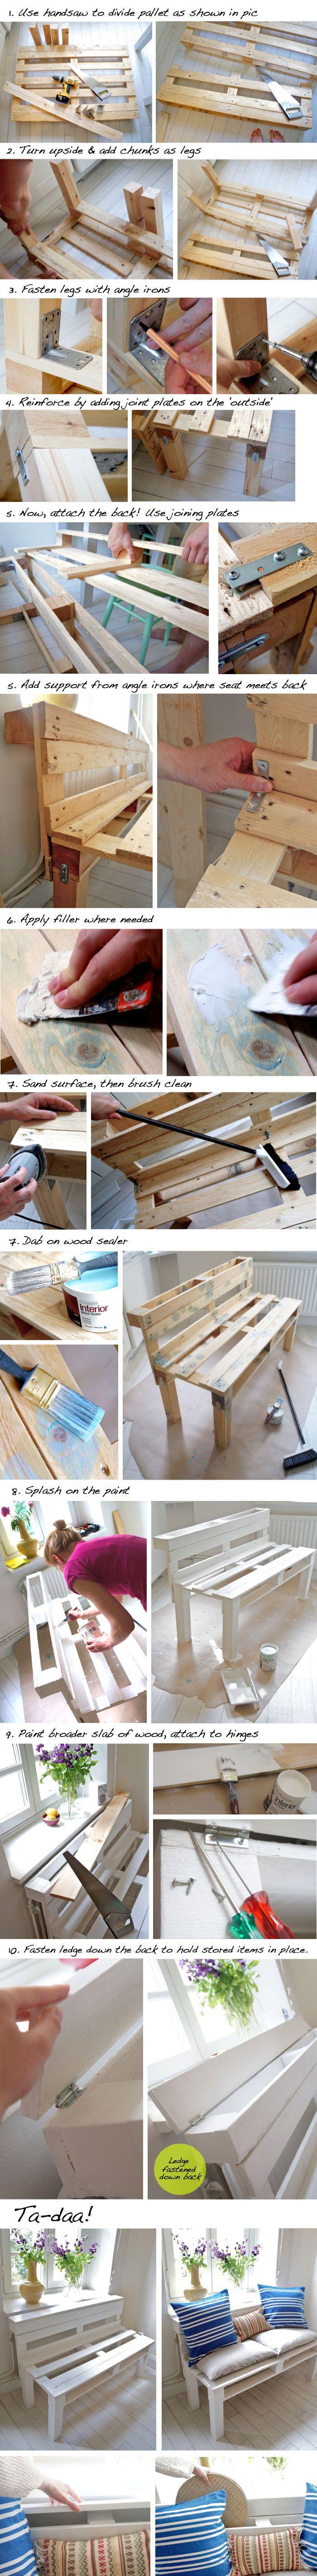 DIY pour un banc en palette dans votre entrée